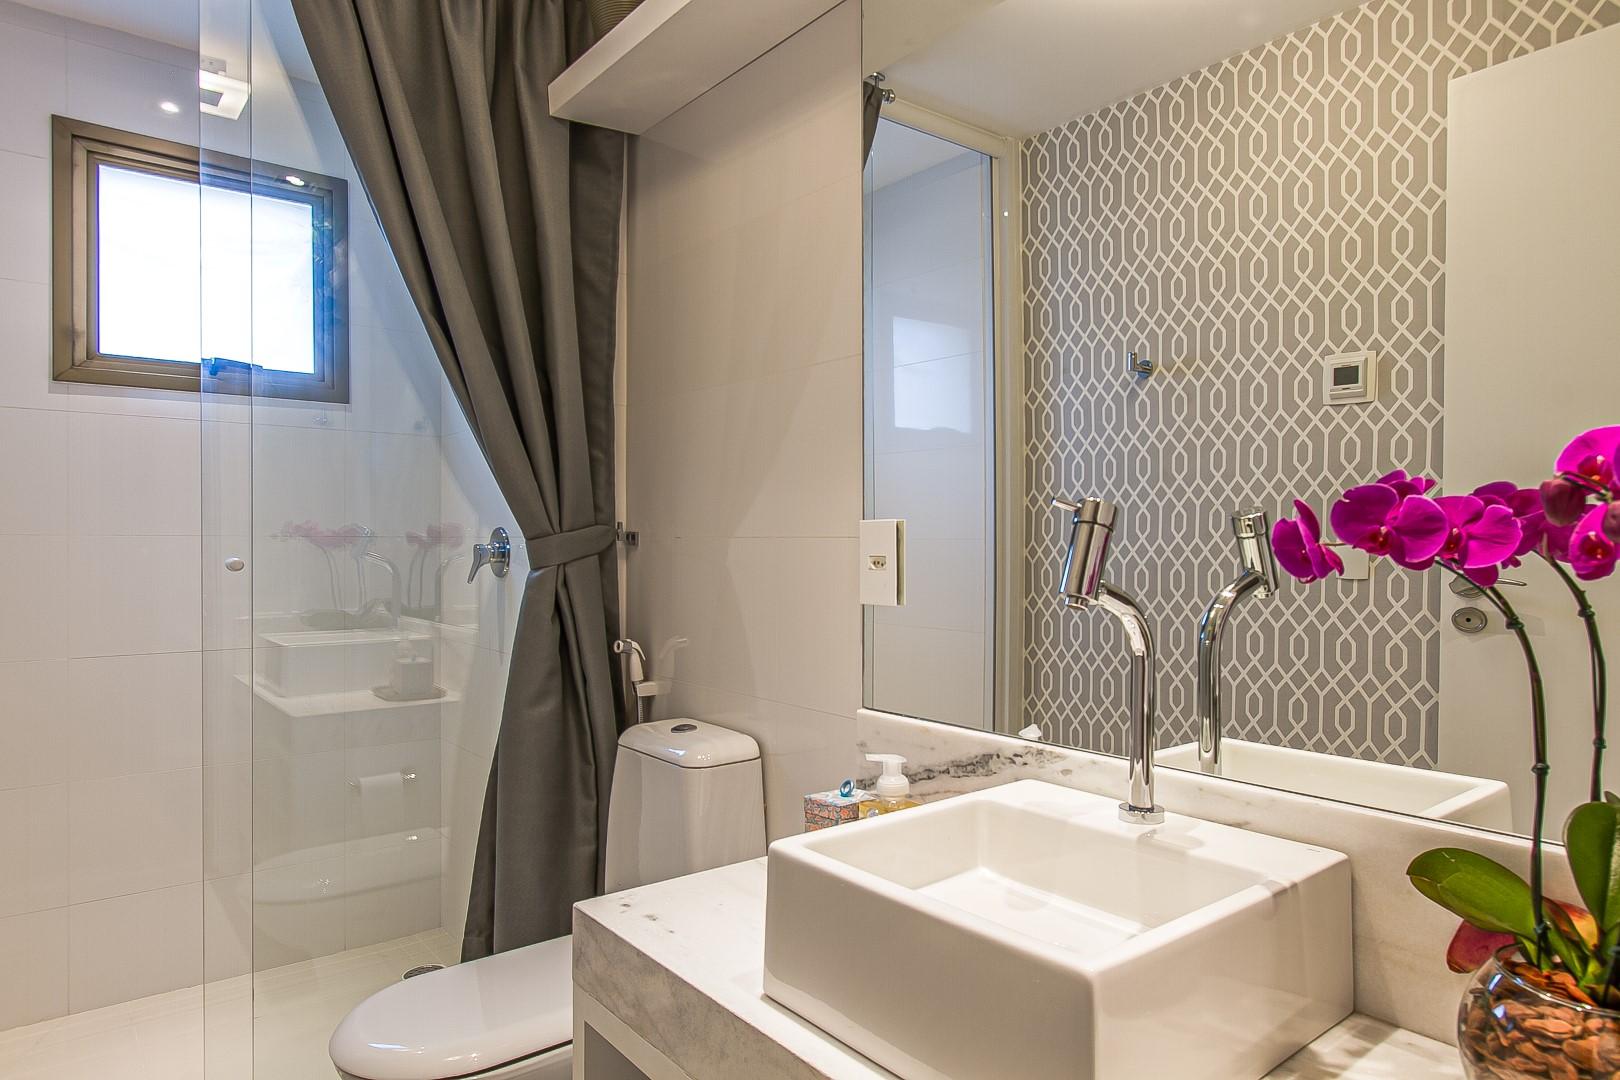 Os banheiros na suíte trazem revestimentos iguais, mas são diferenciados pelos acabamentos de metal, cromados para ela e em preto fosco para ele. Foto: Francis Larsen / Divulgação